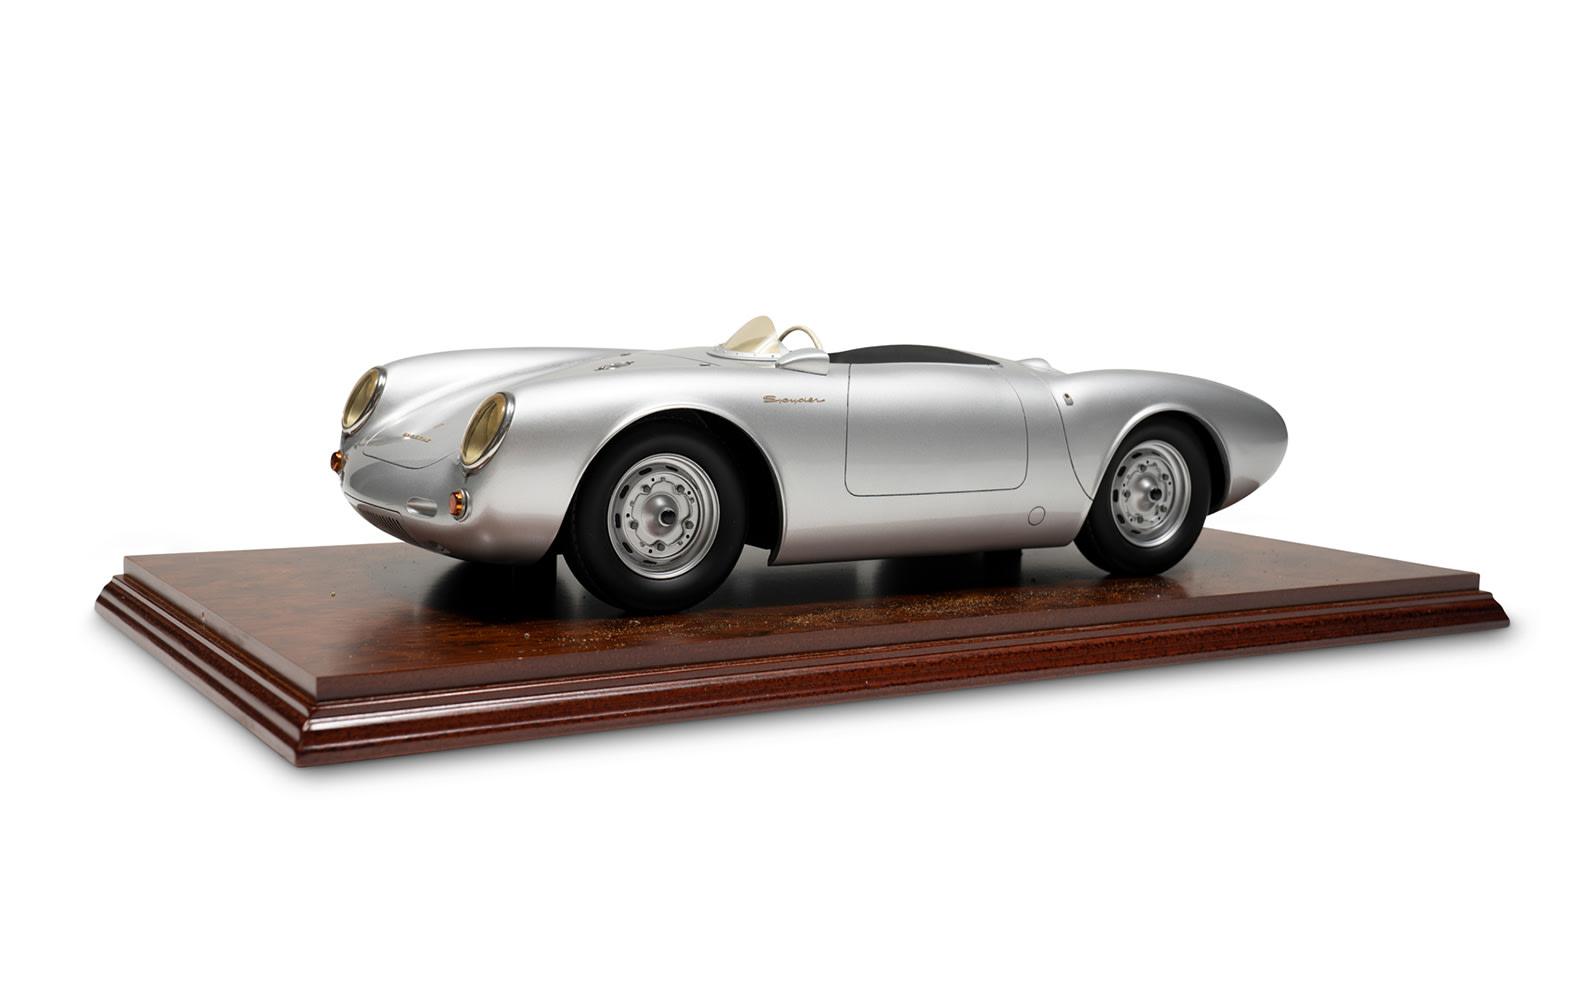 1955 Porsche 550 Spyder Model